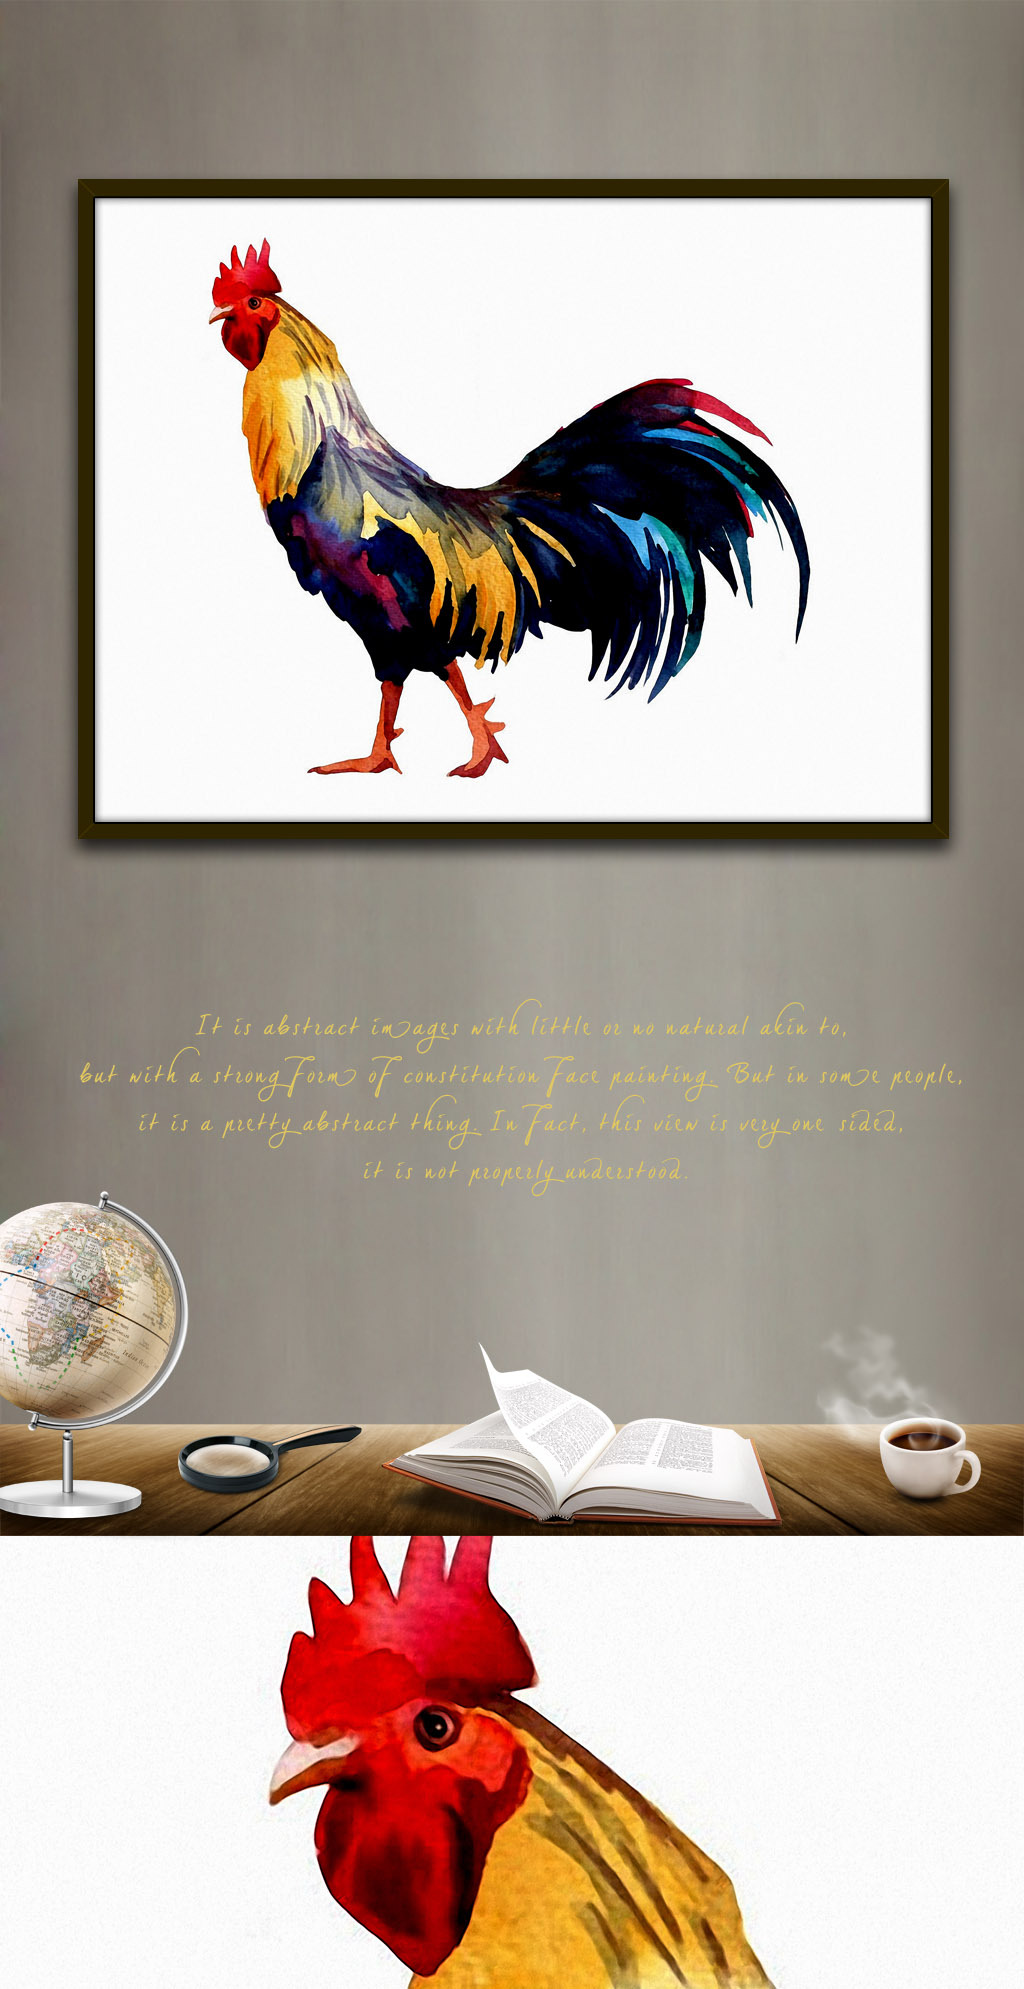 雄鸡大公鸡欧美现代水彩手绘家居客厅.